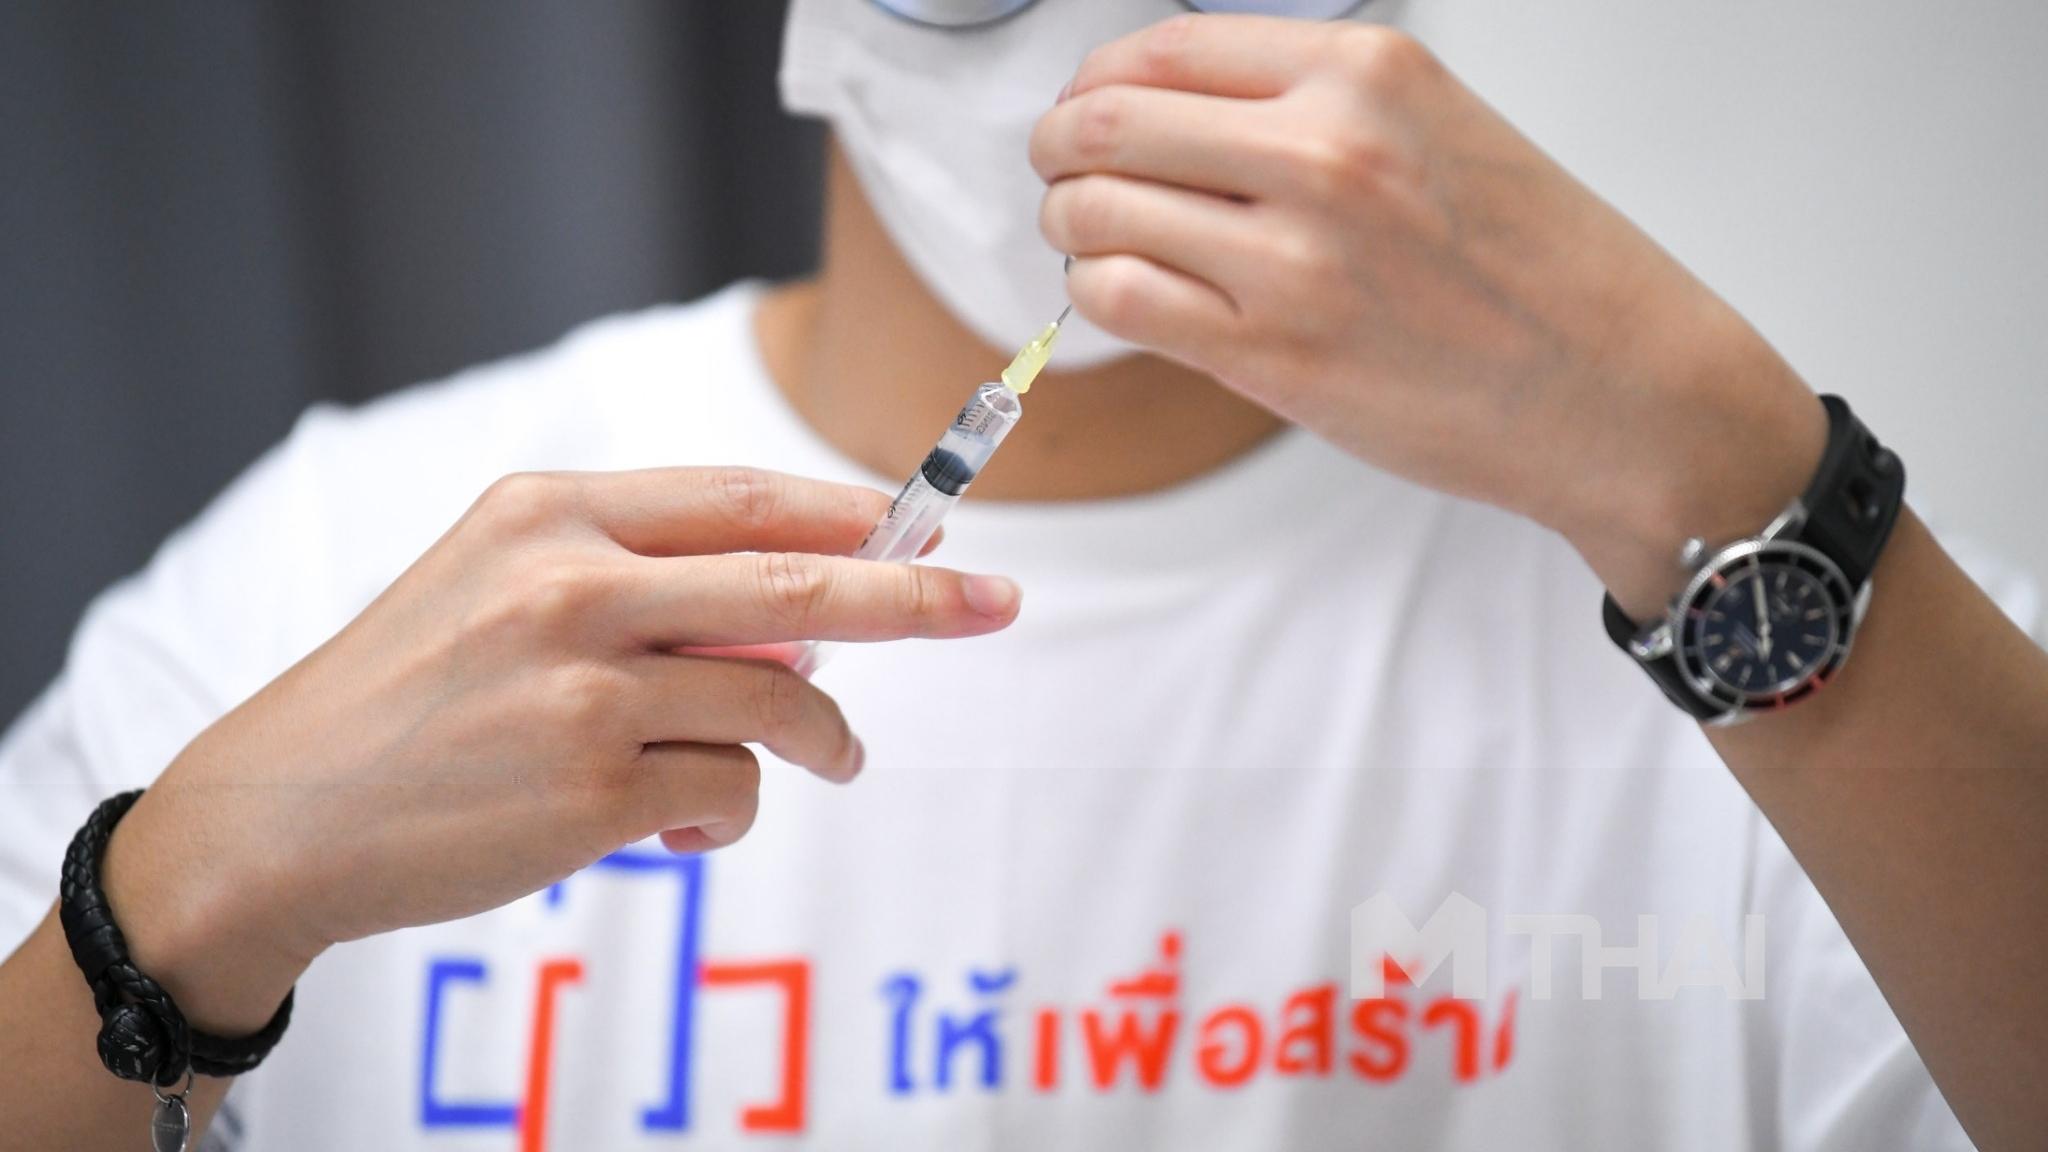 ลงทะเบียนฉีดวัคซีนโควิด วัคซีนโควิด เซเว่น อีเลฟเว่น